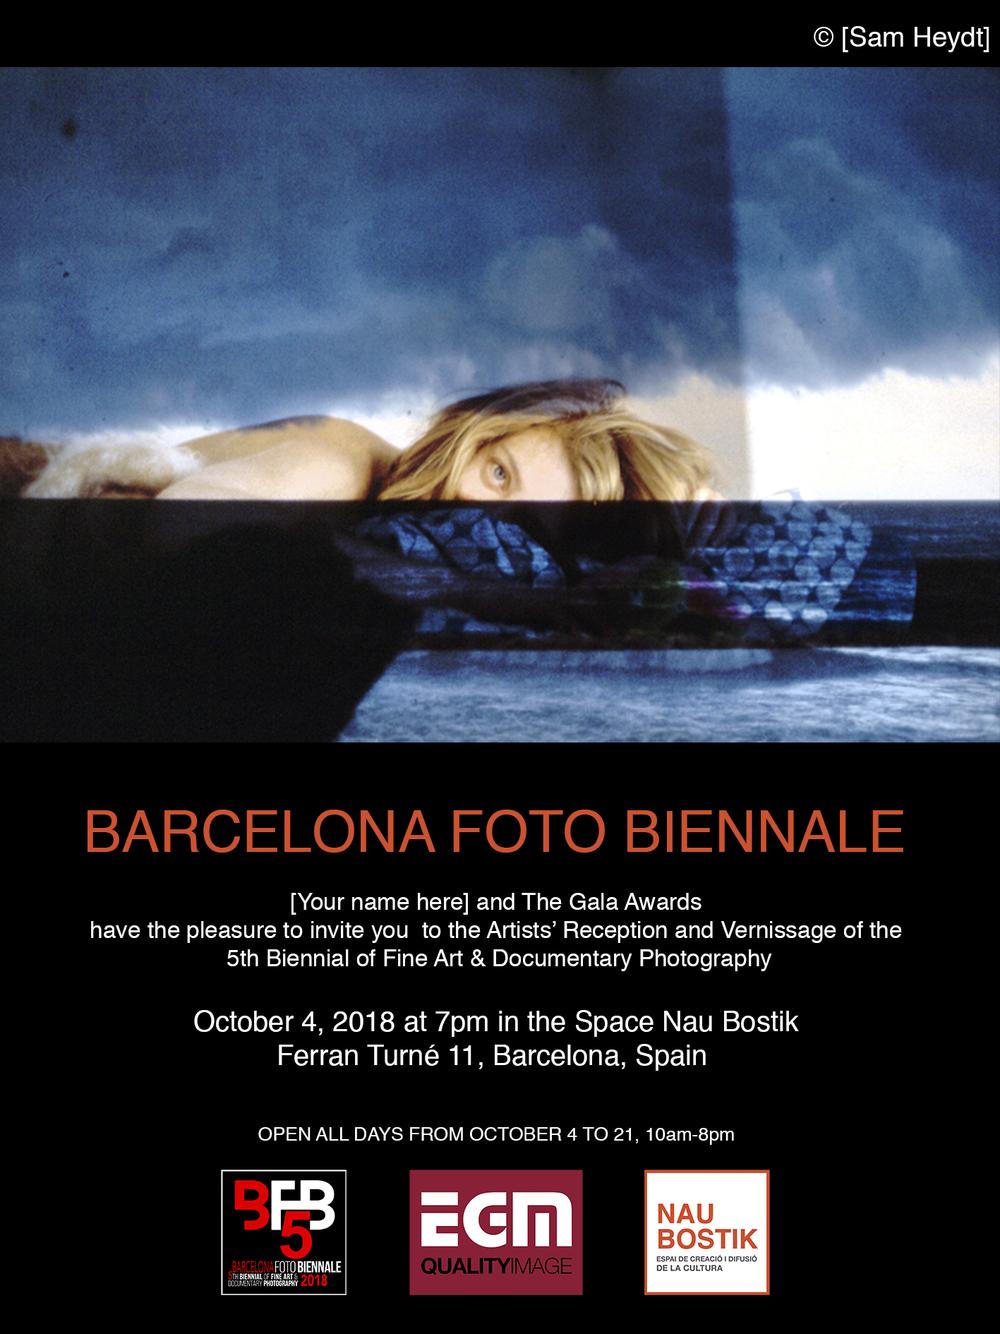 Biennial-invitation-Barcelona-2018.jpg